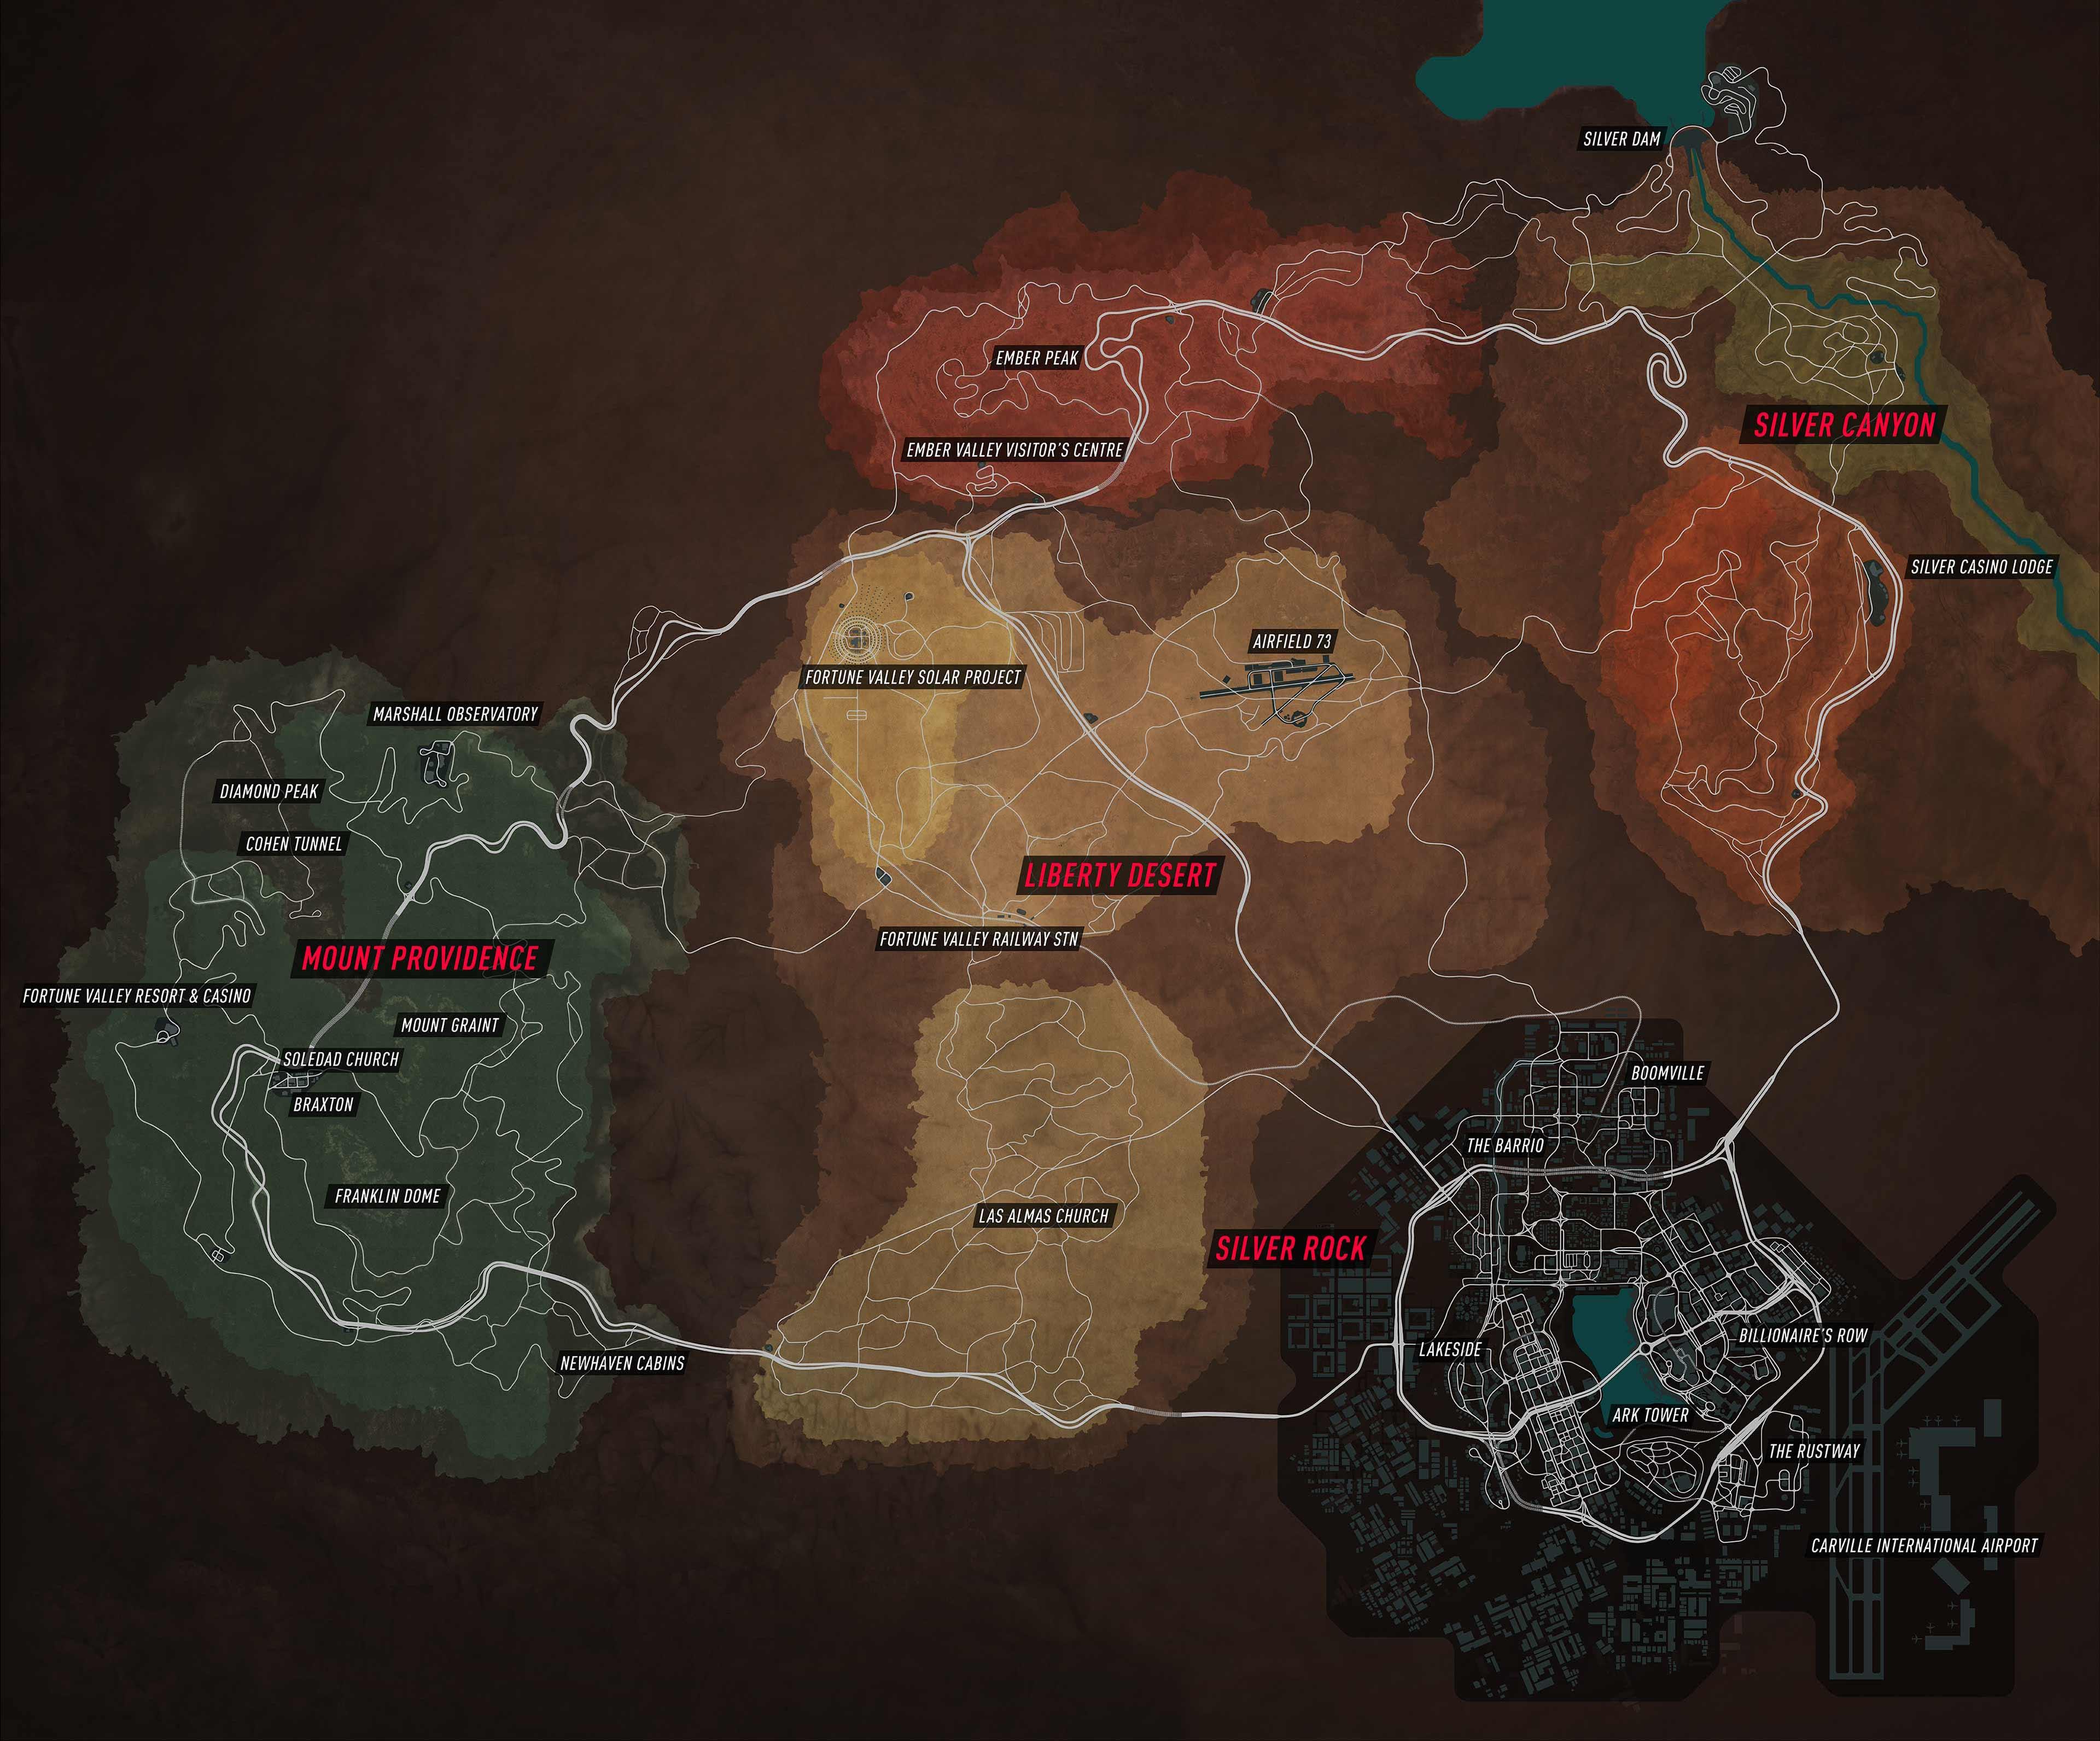 Klicken Sie auf die Grafik für eine größere Ansicht  Name:nfsp-world-game-map-1.jpg Hits:2018 Größe:660,6 KB ID:971027